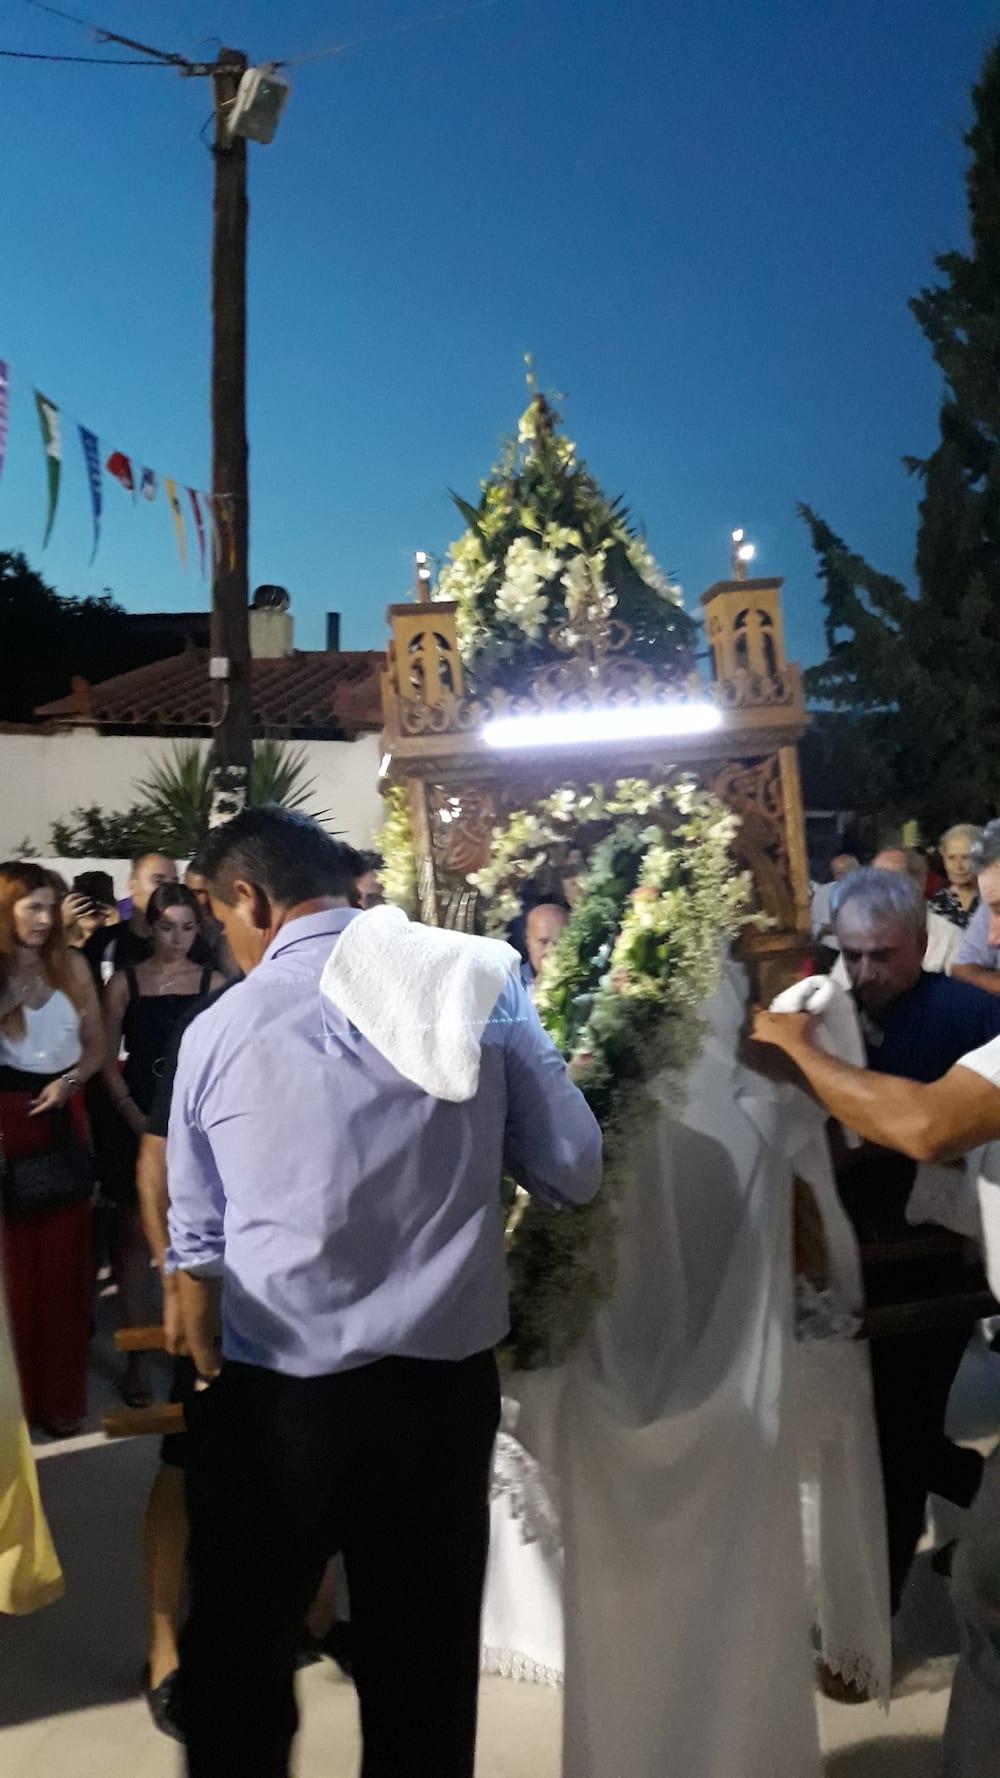 Τελέστηκε ο εσπερινός της εορτής της Παναγίας στον ΙΝ της Παναγίας Ψαχνών 20190814 204956